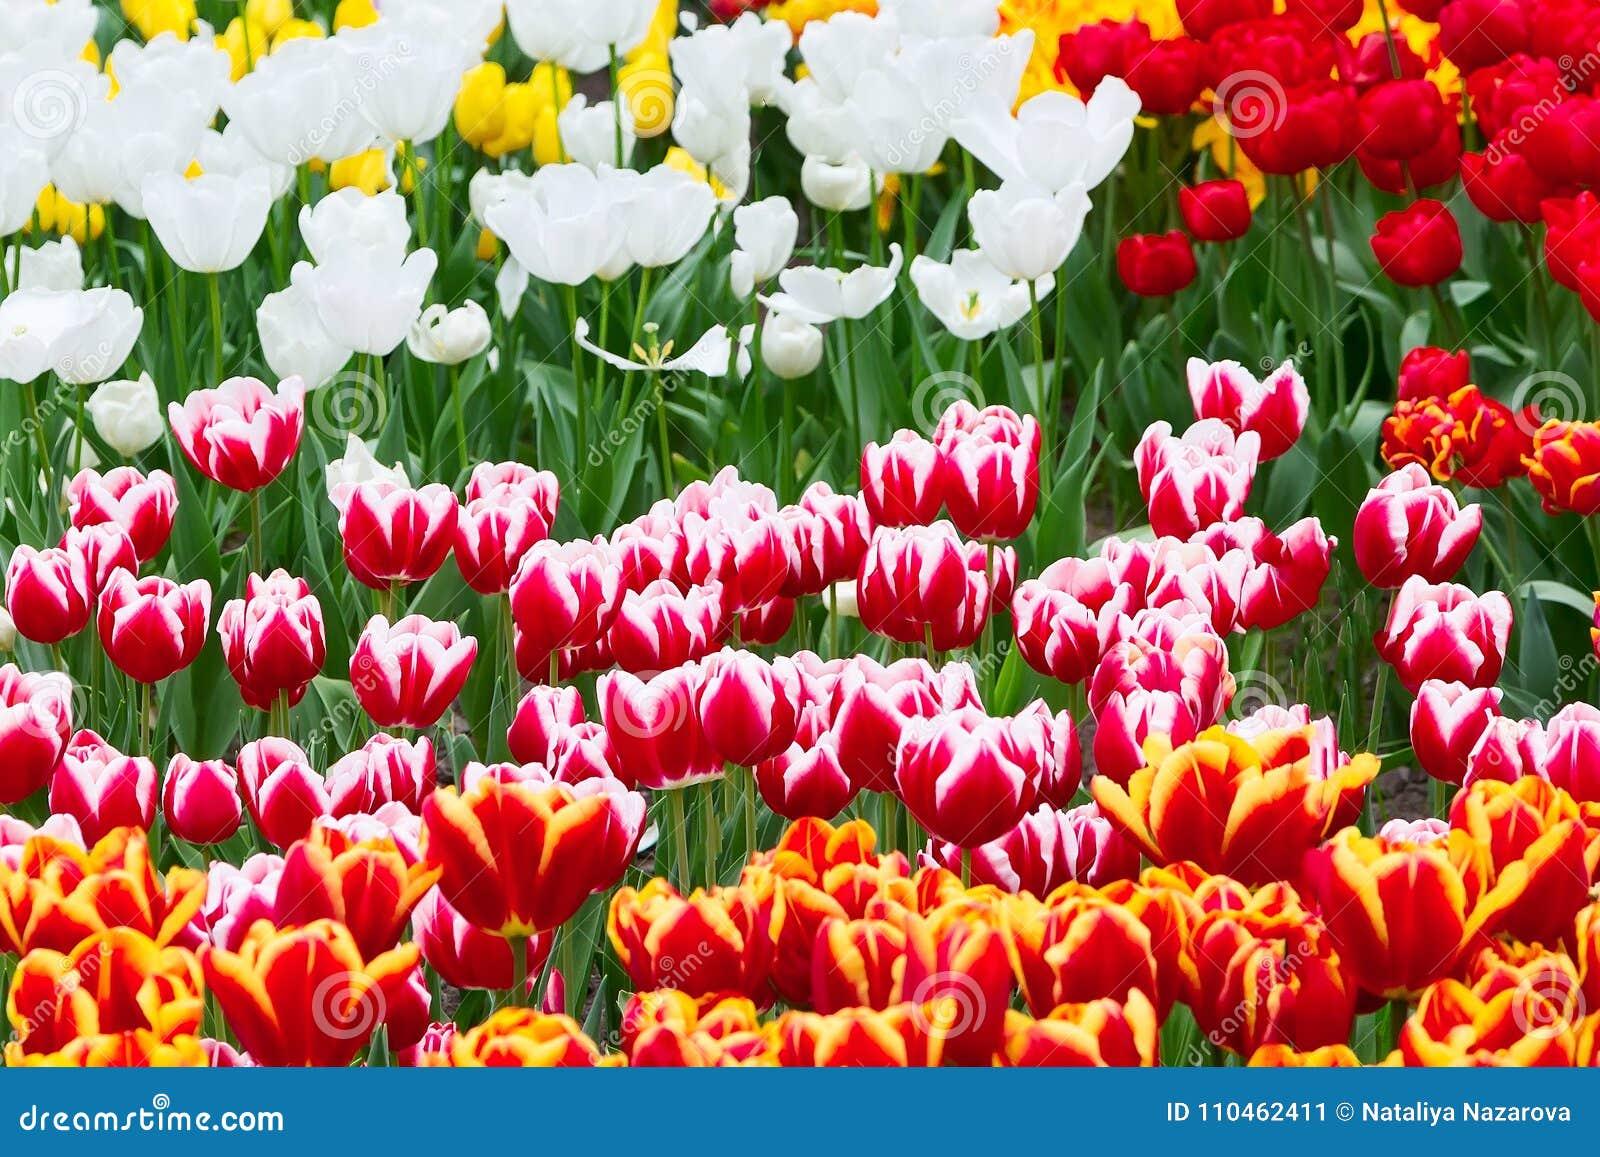 Tulpanblomsterrabatt, rött som är gul, vit